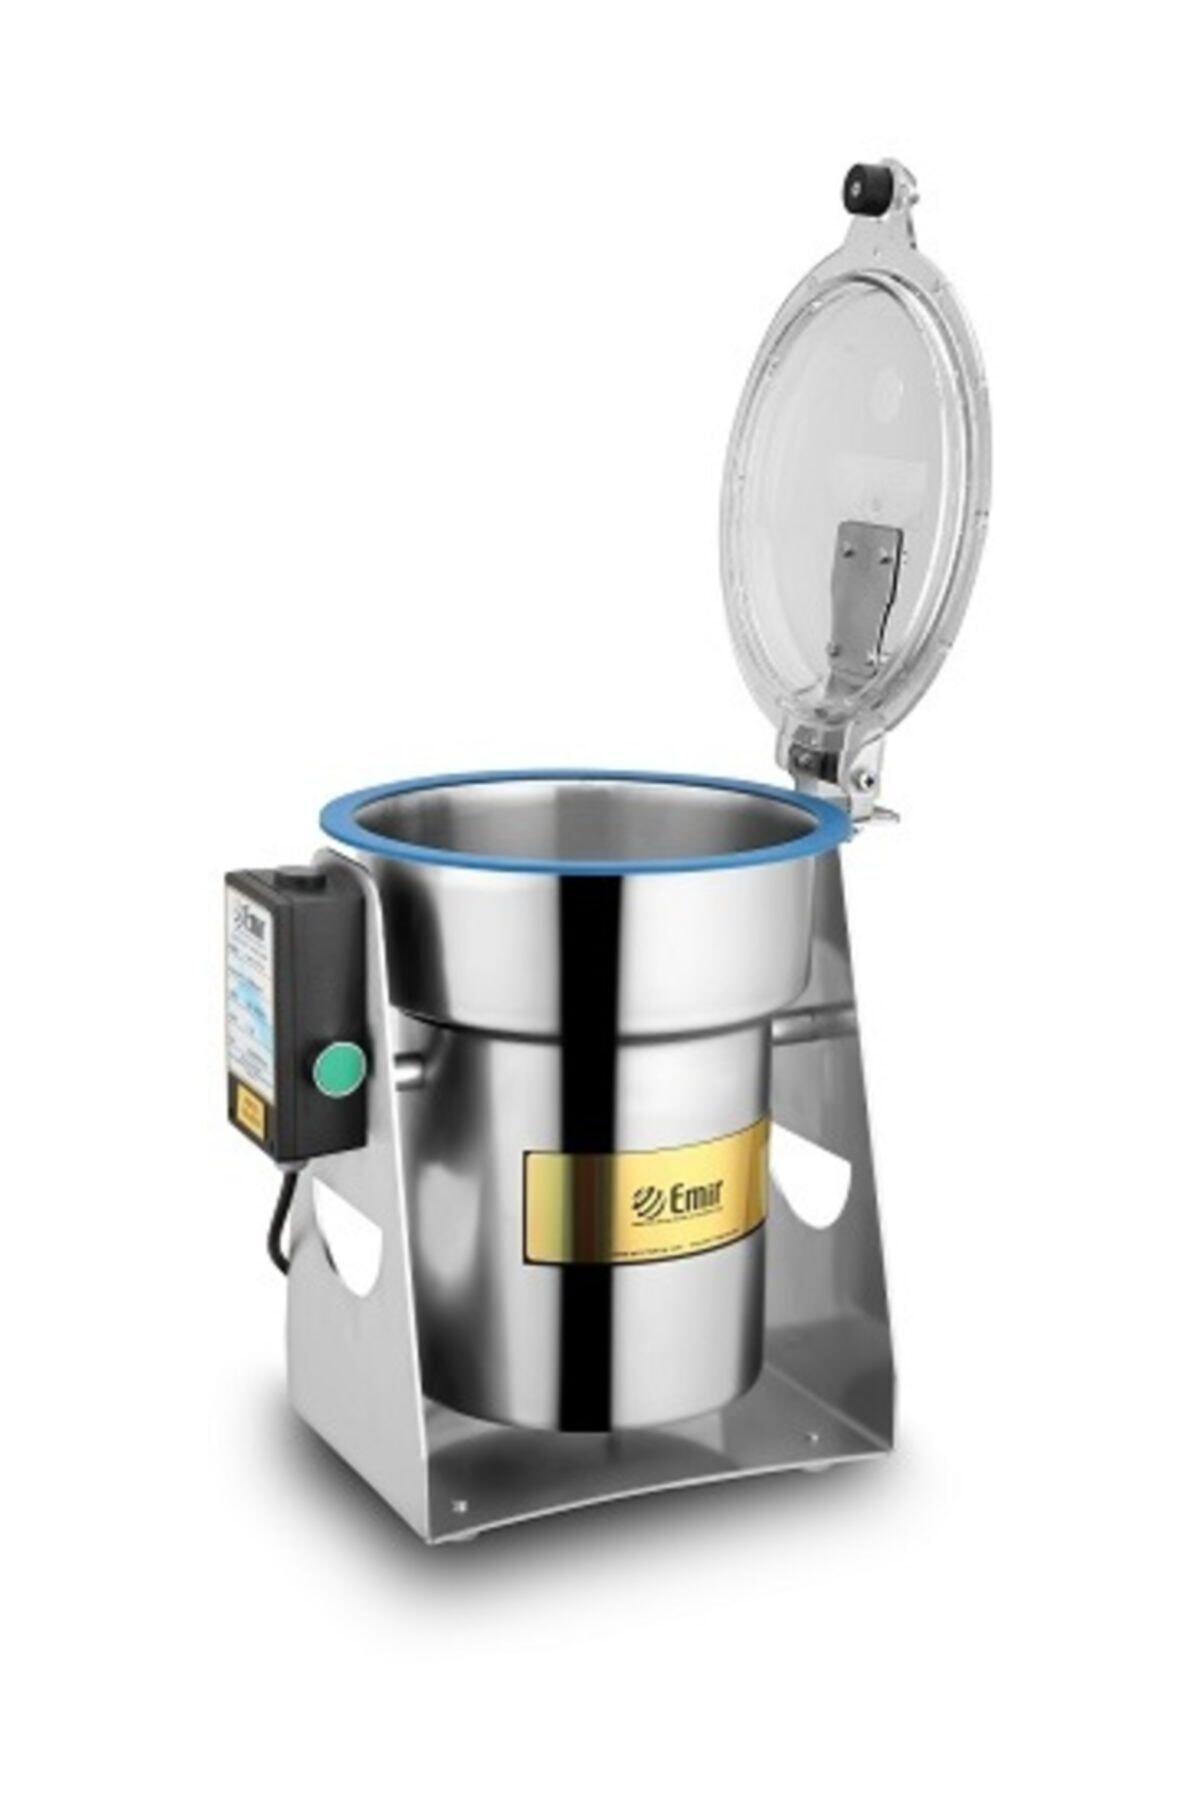 Emir Endüstriyel Mutfak Tarhana Öğütücü Elektrikli Kurugıda Tarhana Çekme Öğütücü Değirmen Makinesi 1500 Gr 28000 Devir 1